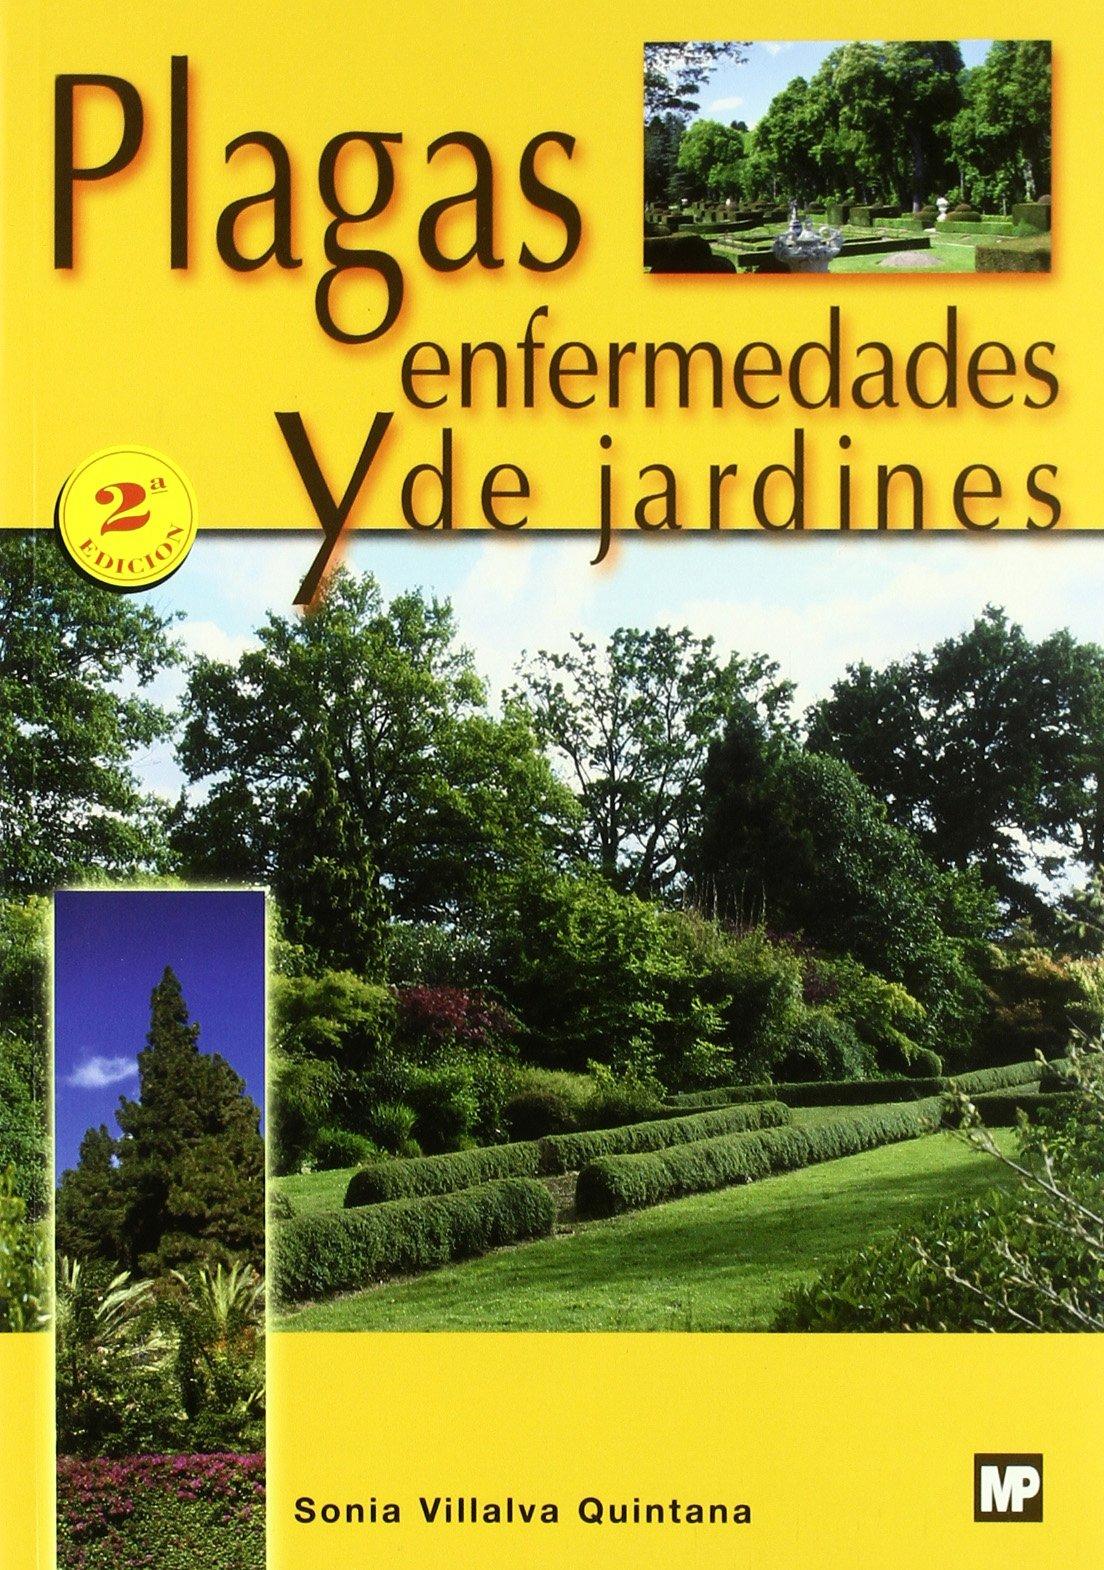 Cómo crear un jardín. Control de plagas y enfermedades en el jardín. 1